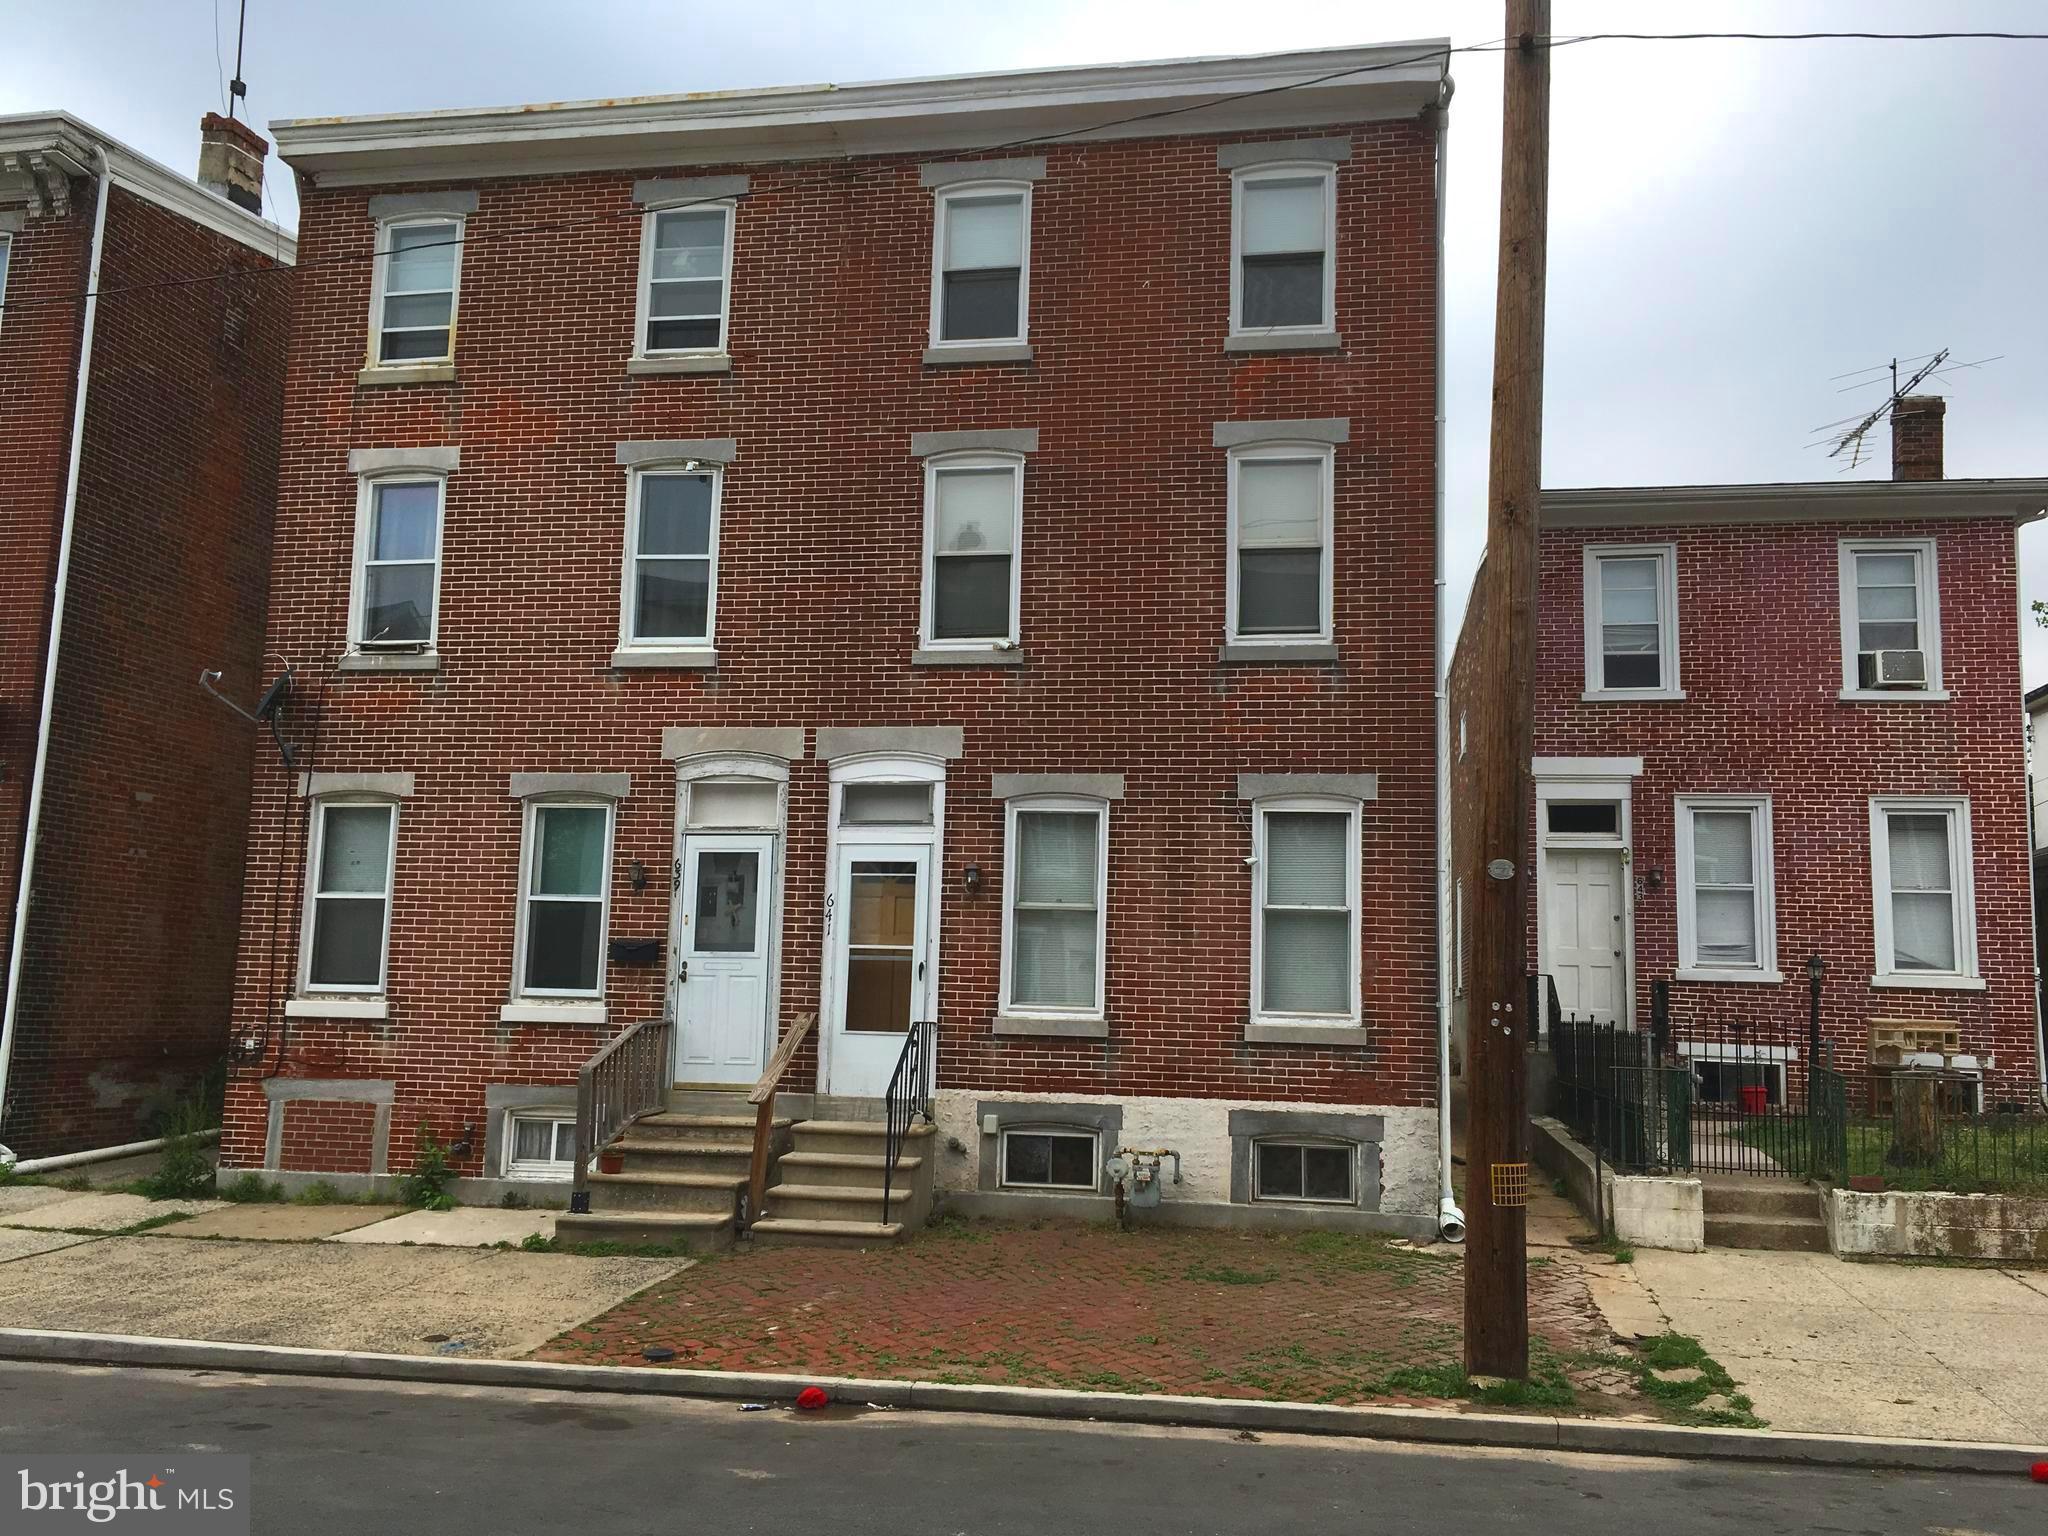 641 GEORGE STREET, NORRISTOWN, PA 19401